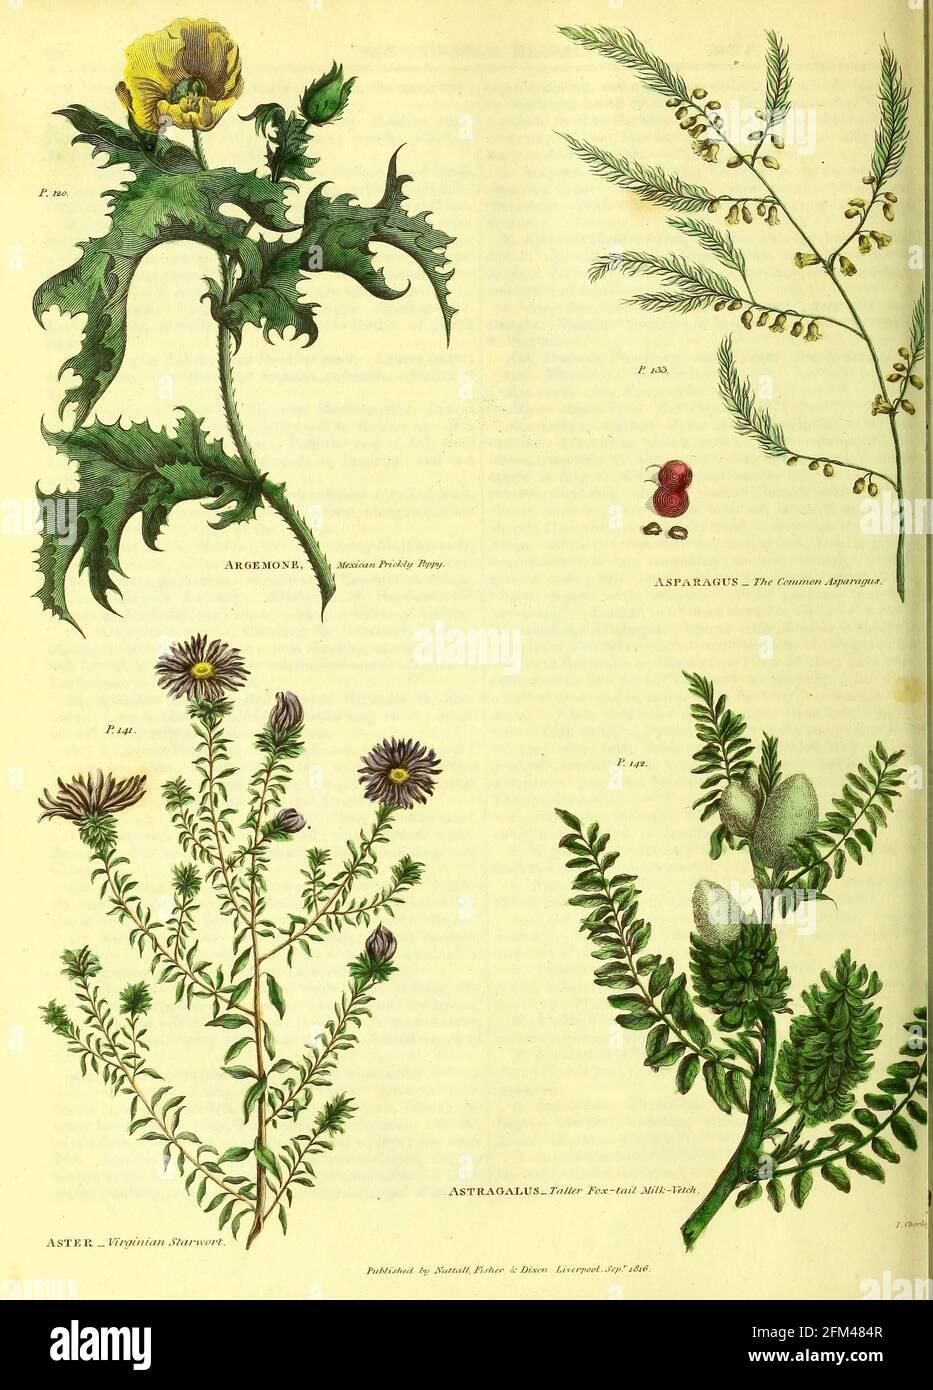 Argemone [Poppy mexicain], Asparagus, Aster [Starwort Virgian], Astragalus [latte renard-queue plus haute] du vol 1 du livre la plante universelle : ou le dictionnaire botanique, médical et agricole : contenant un compte-rendu de toutes les plantes connues dans le monde, arrangé selon le système Linnean. Préciser les utilisations auxquelles elles sont ou peuvent être appliquées par Thomas Green, publié en 1816 par Nuttall, Fisher & Co. À Liverpool et imprimé à la Caxton Press par H. Fisher Banque D'Images